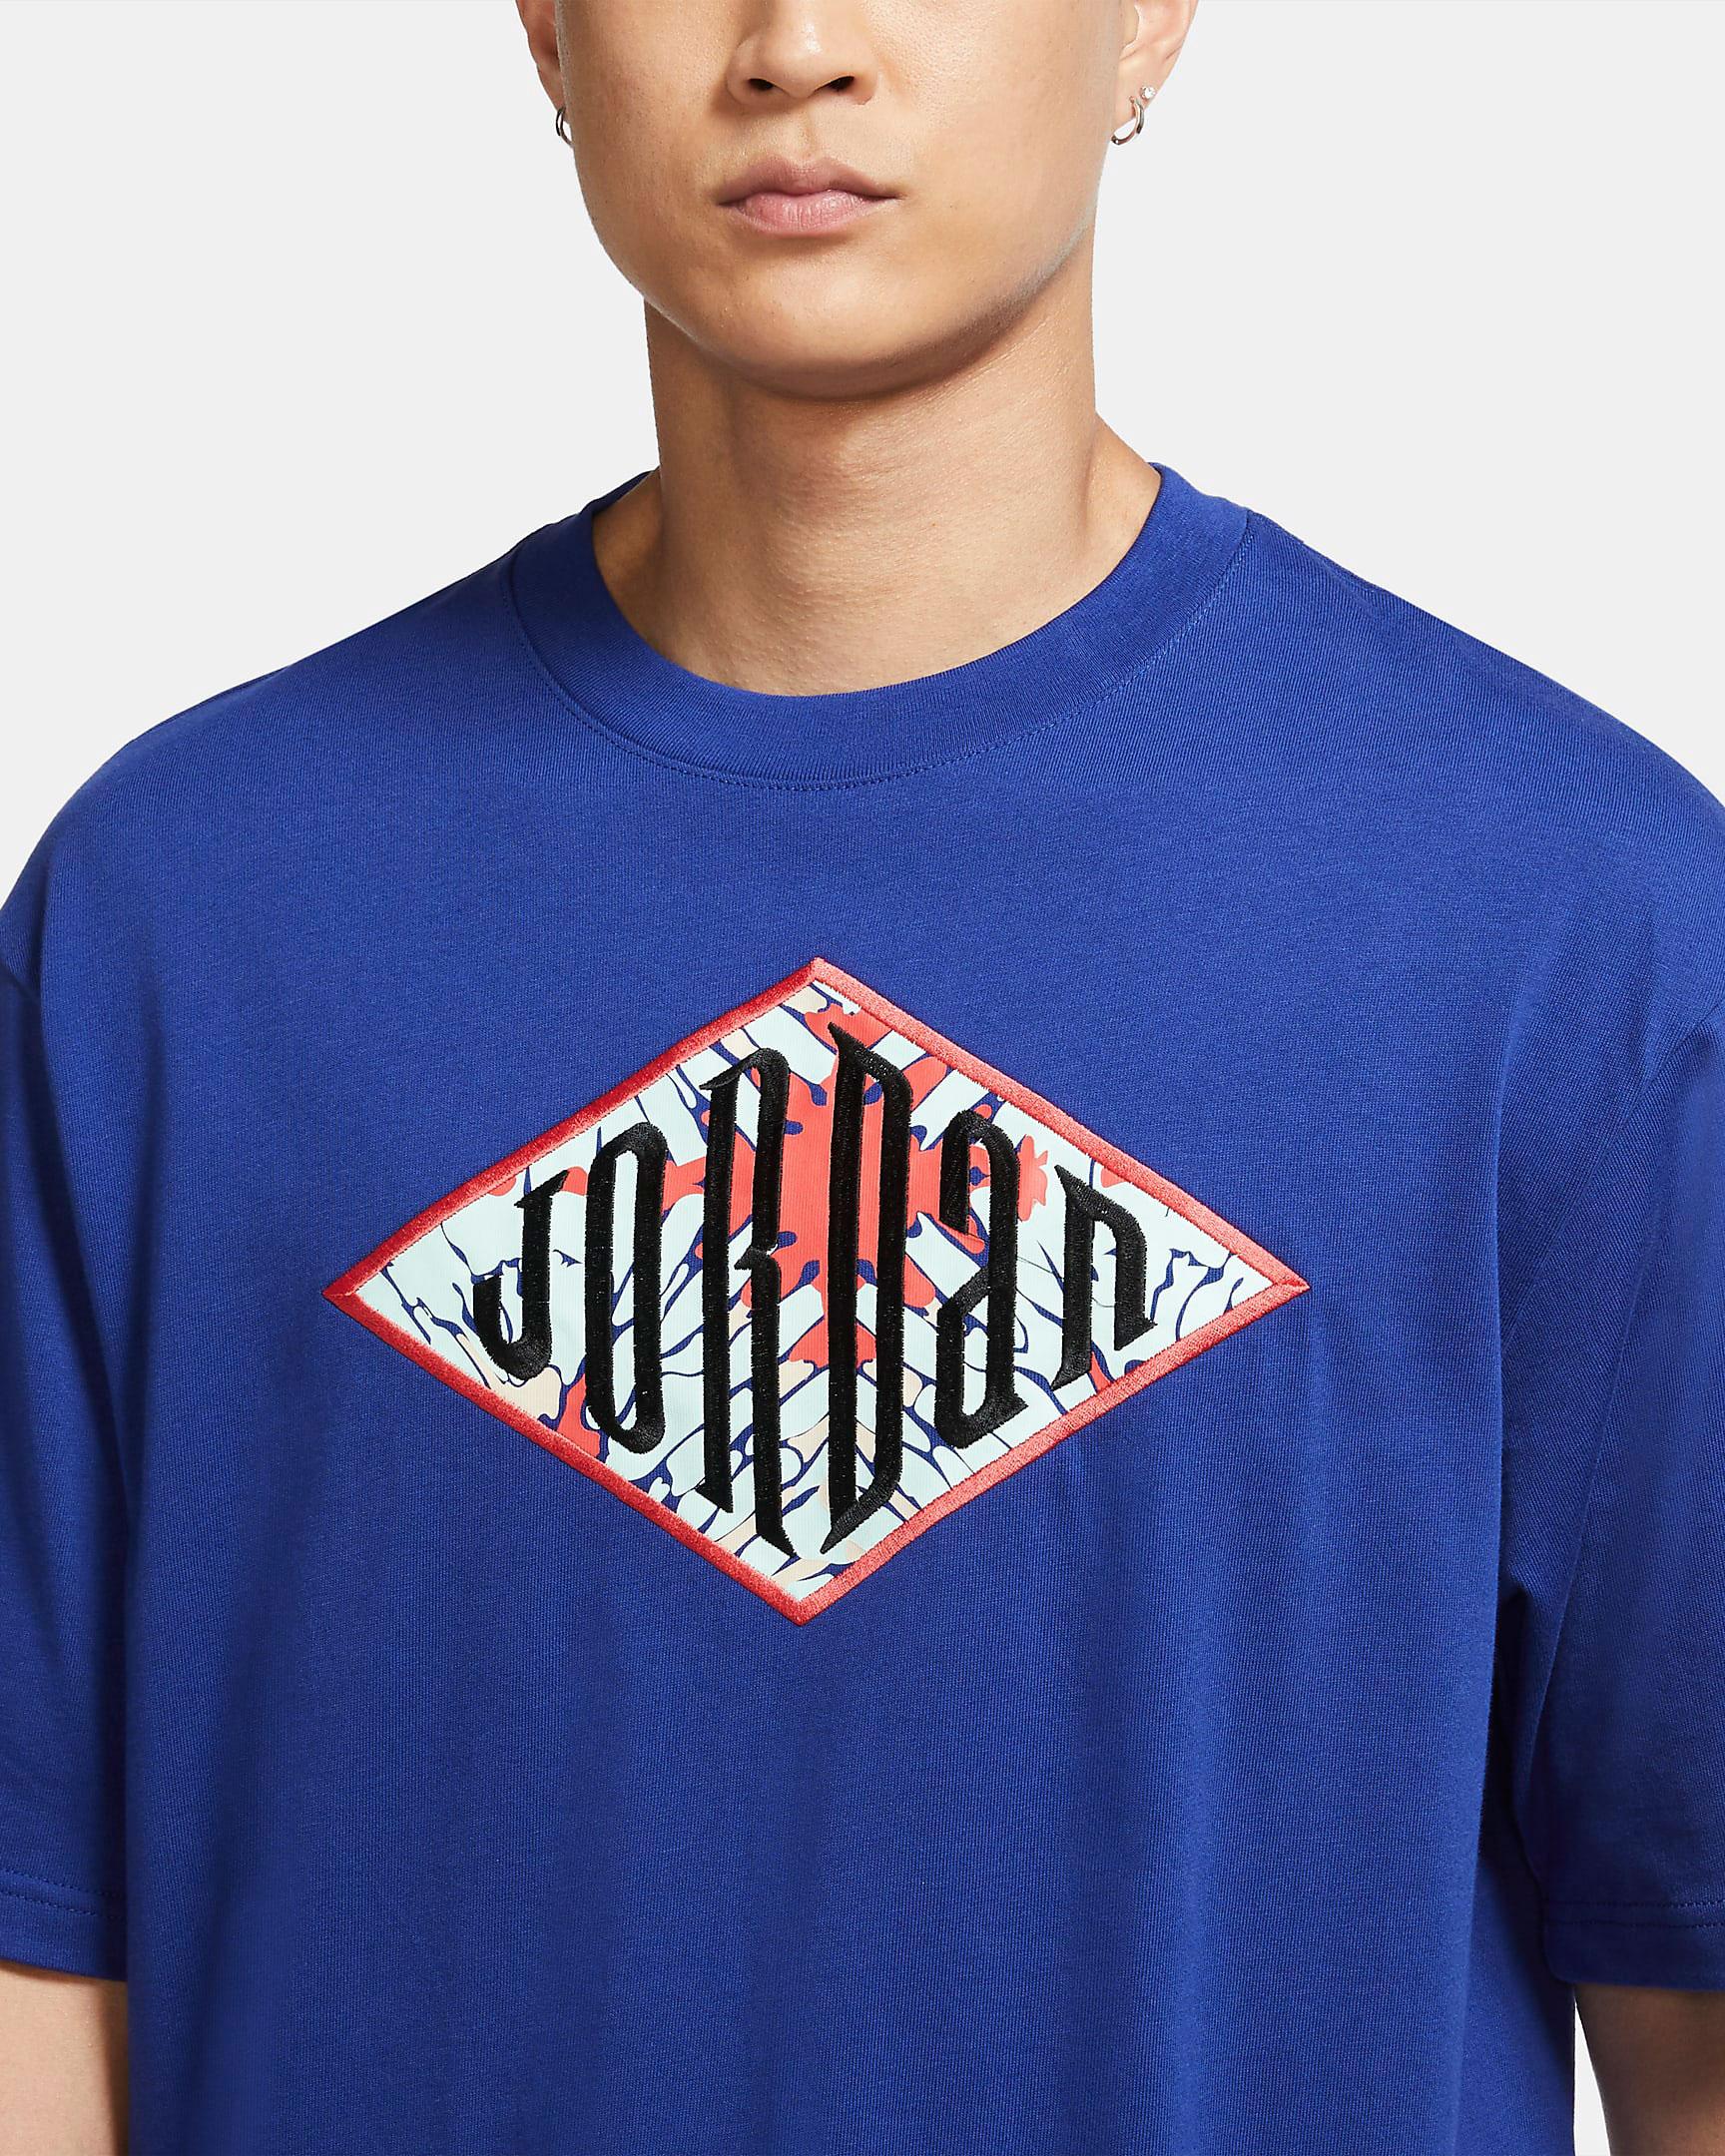 jordan-sport-dna-shirt-blue-infrared